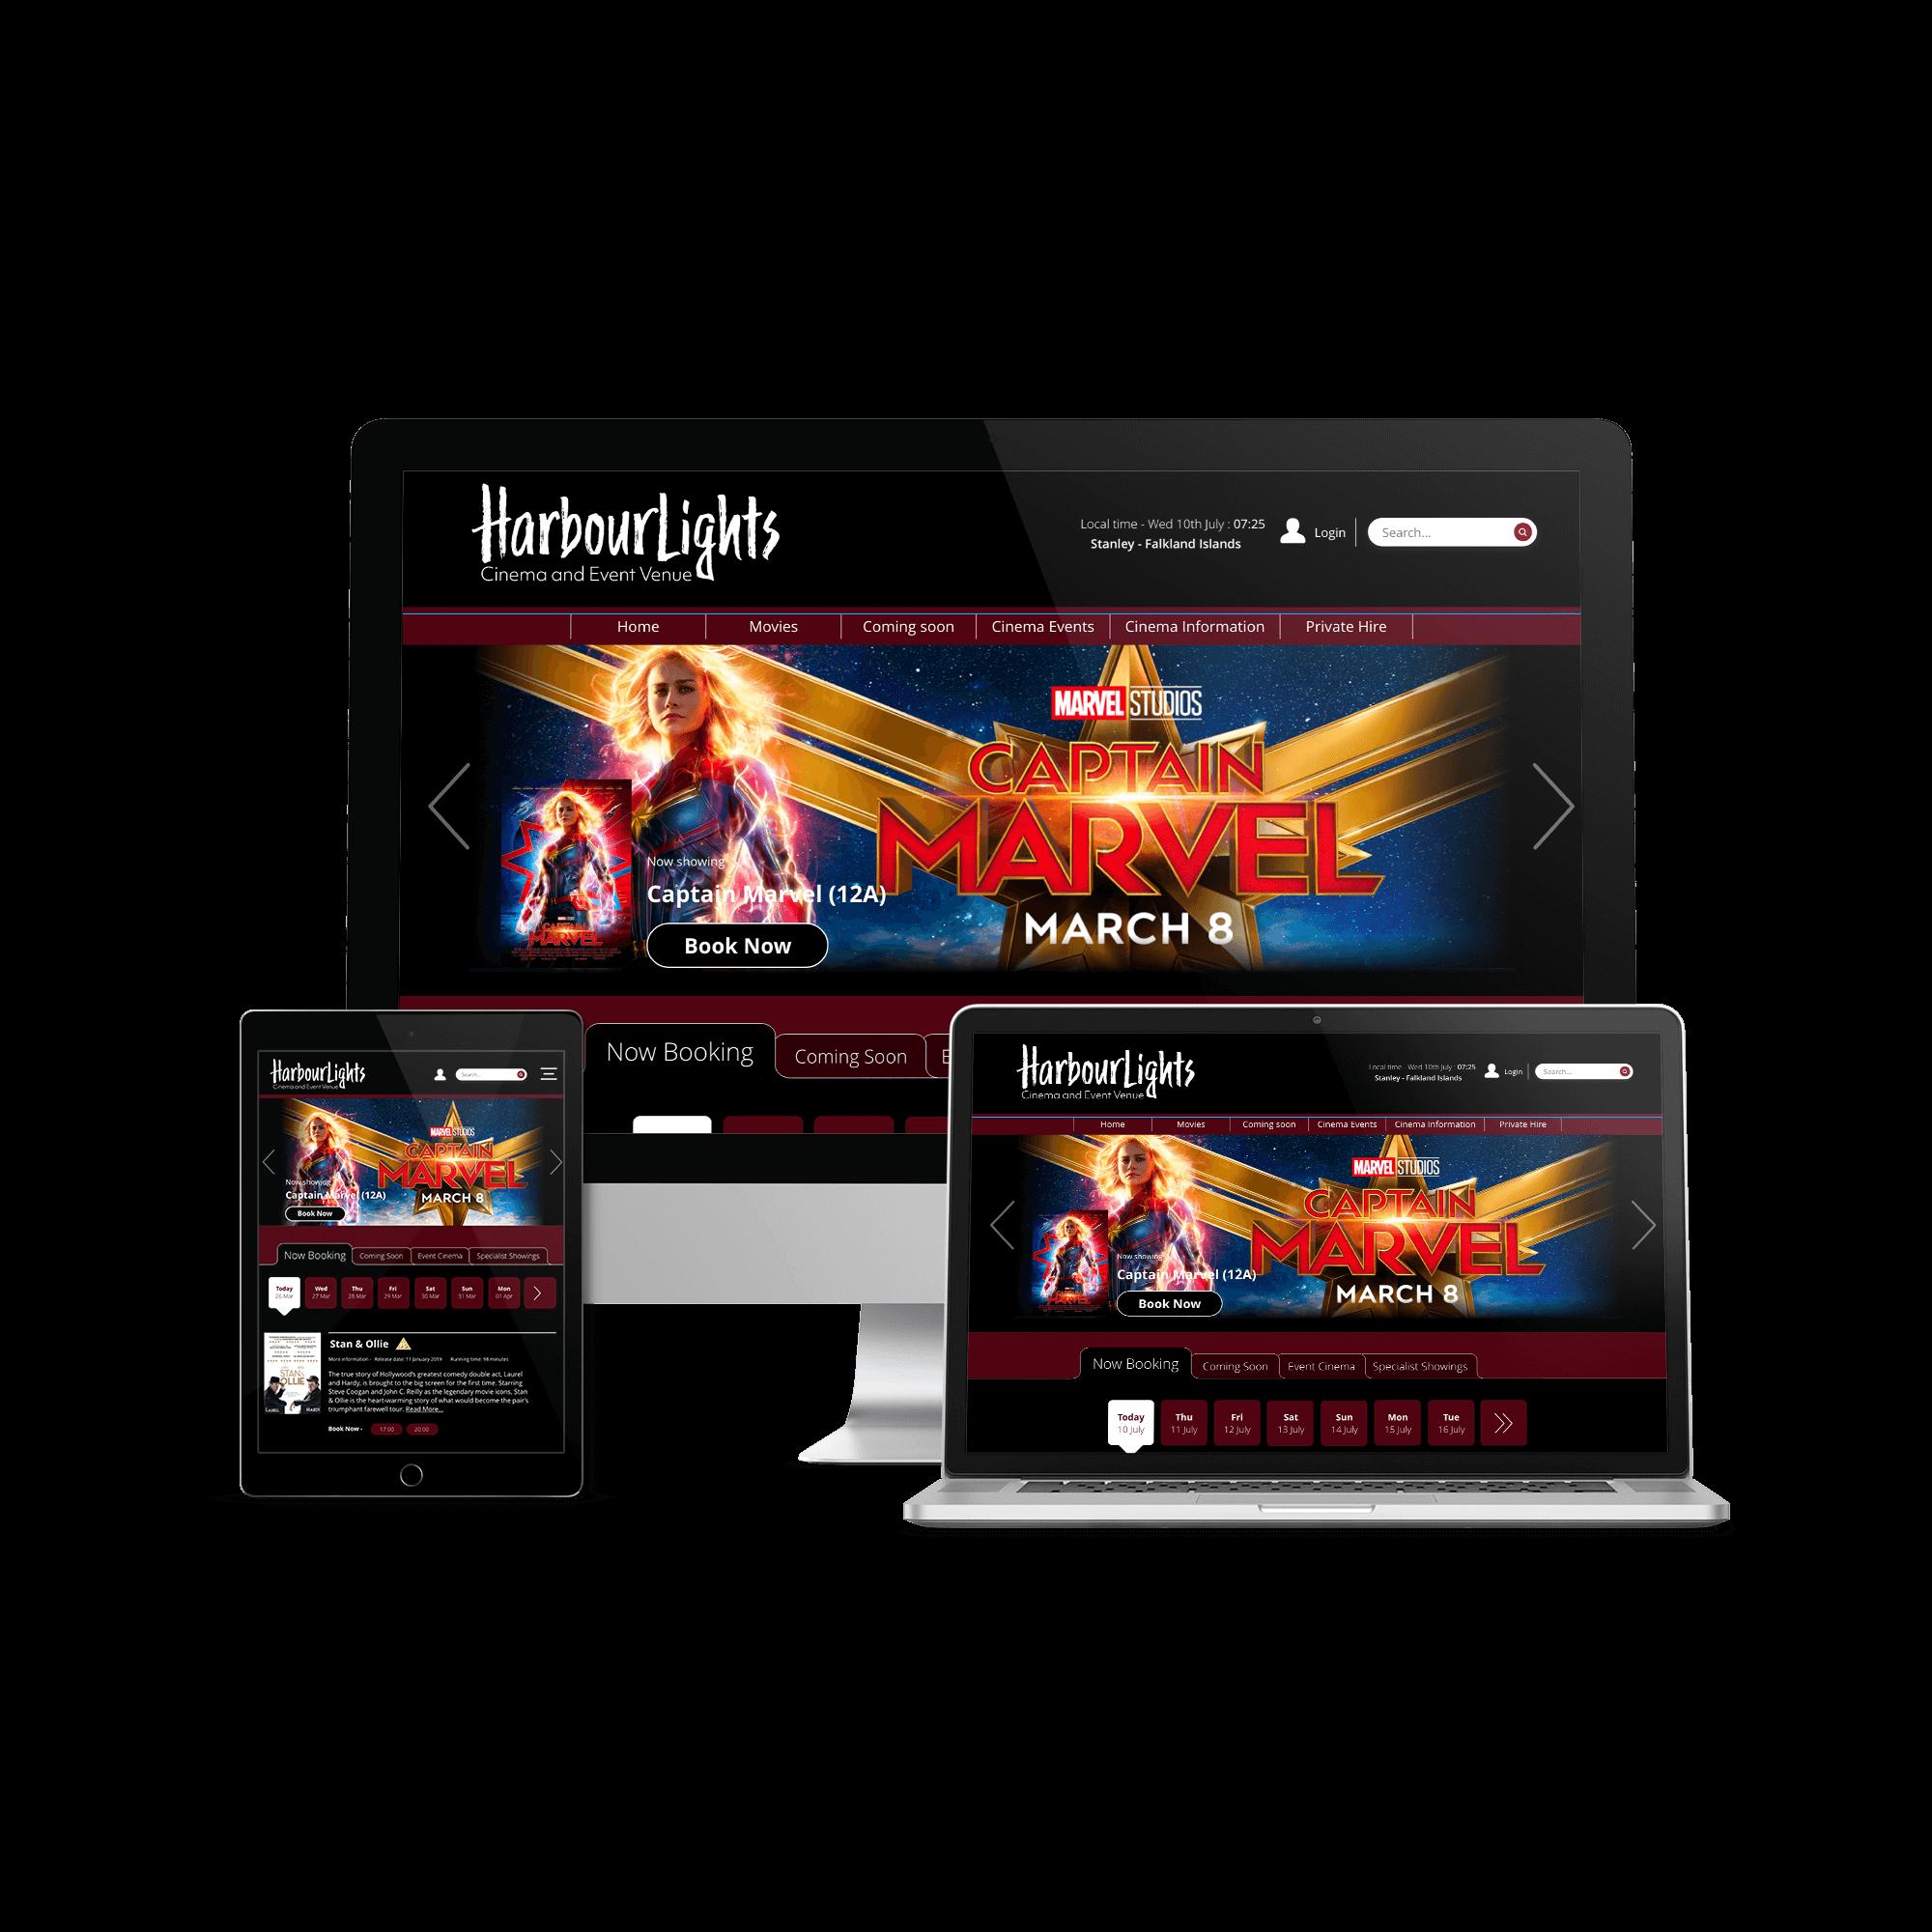 HarbourLights Website Design